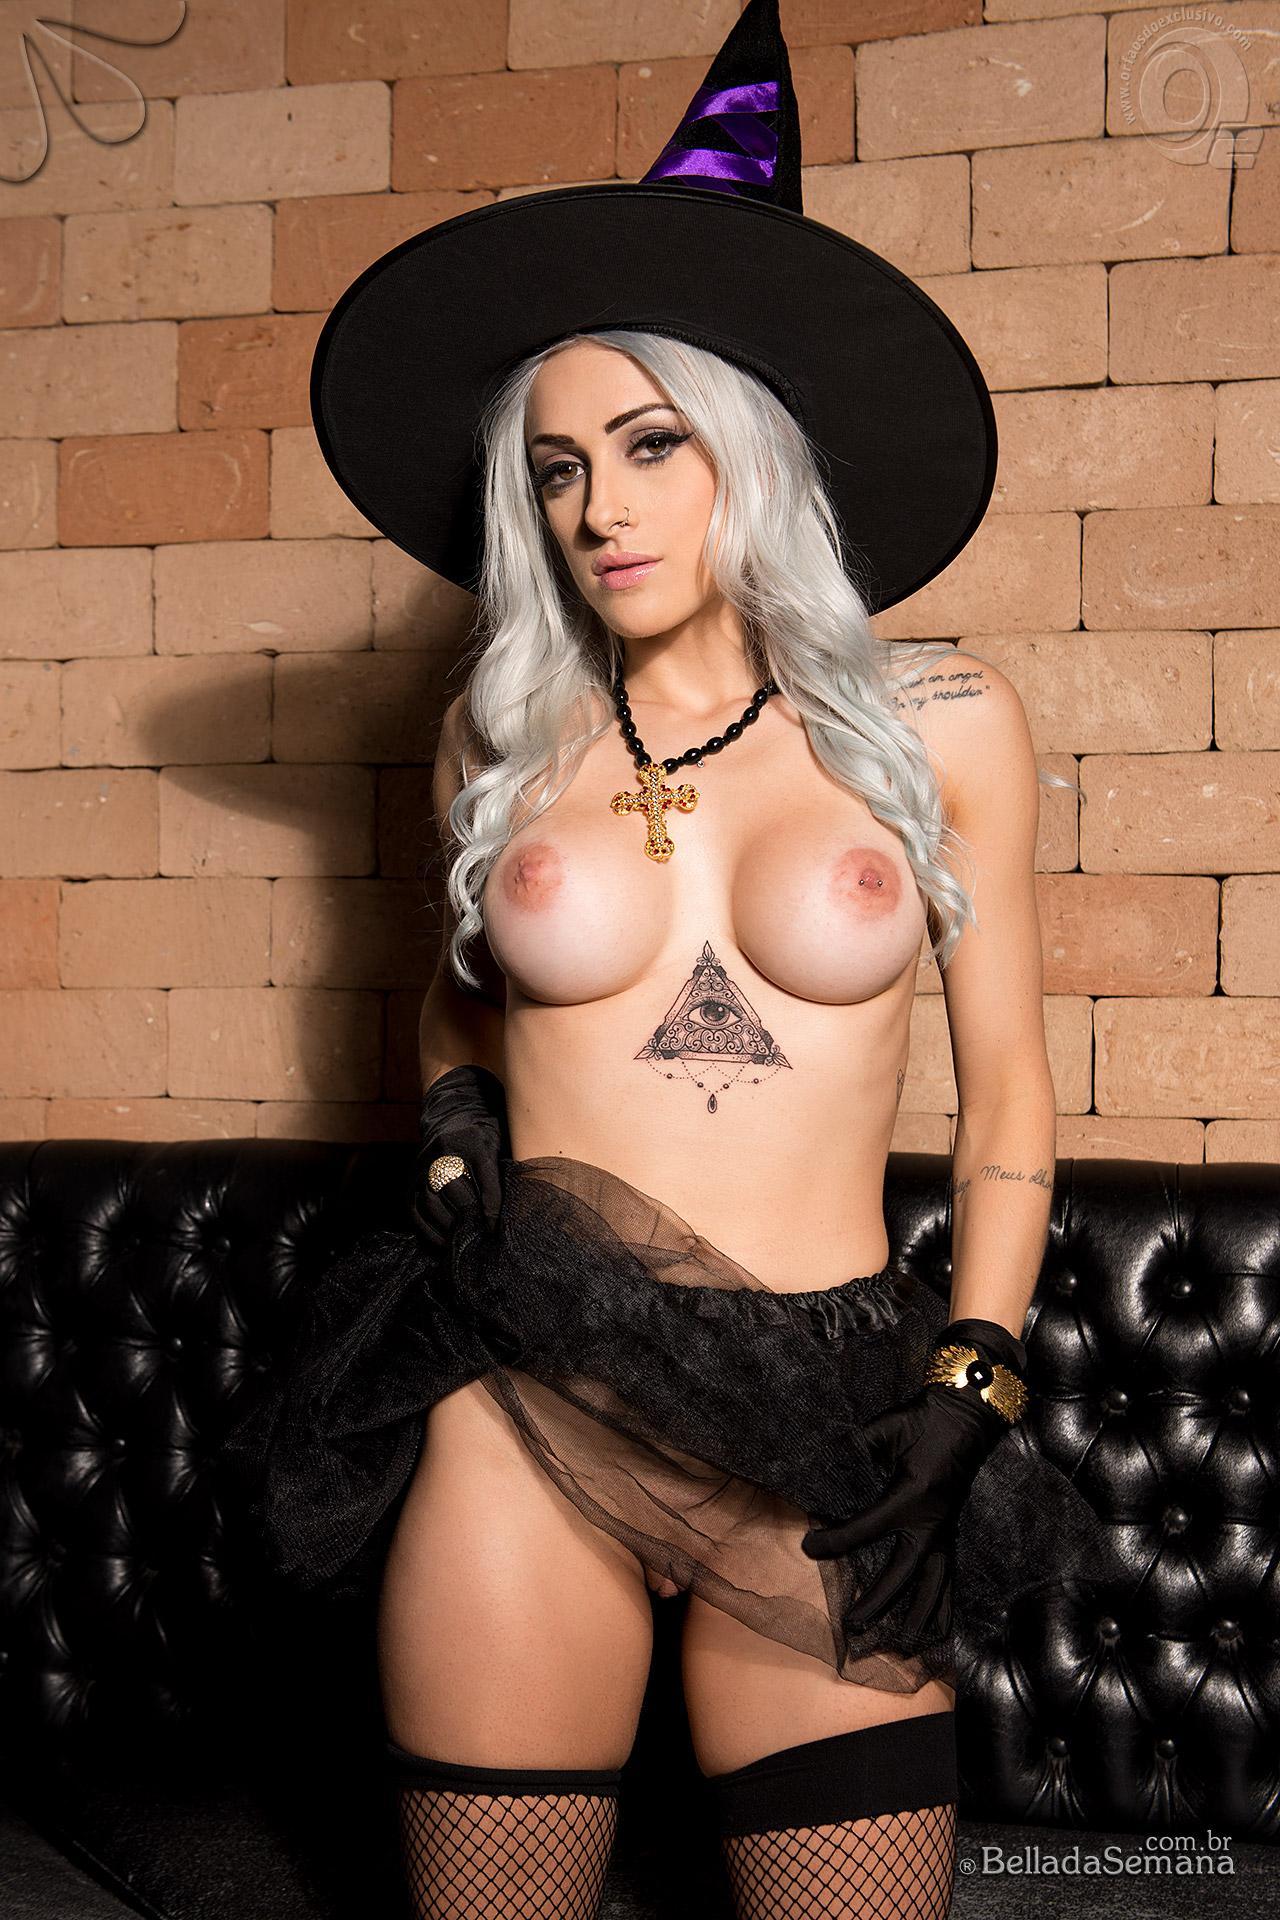 baixar Jessamine Bonacorso pelada no Bella da Semana (fotos e vídeo) download